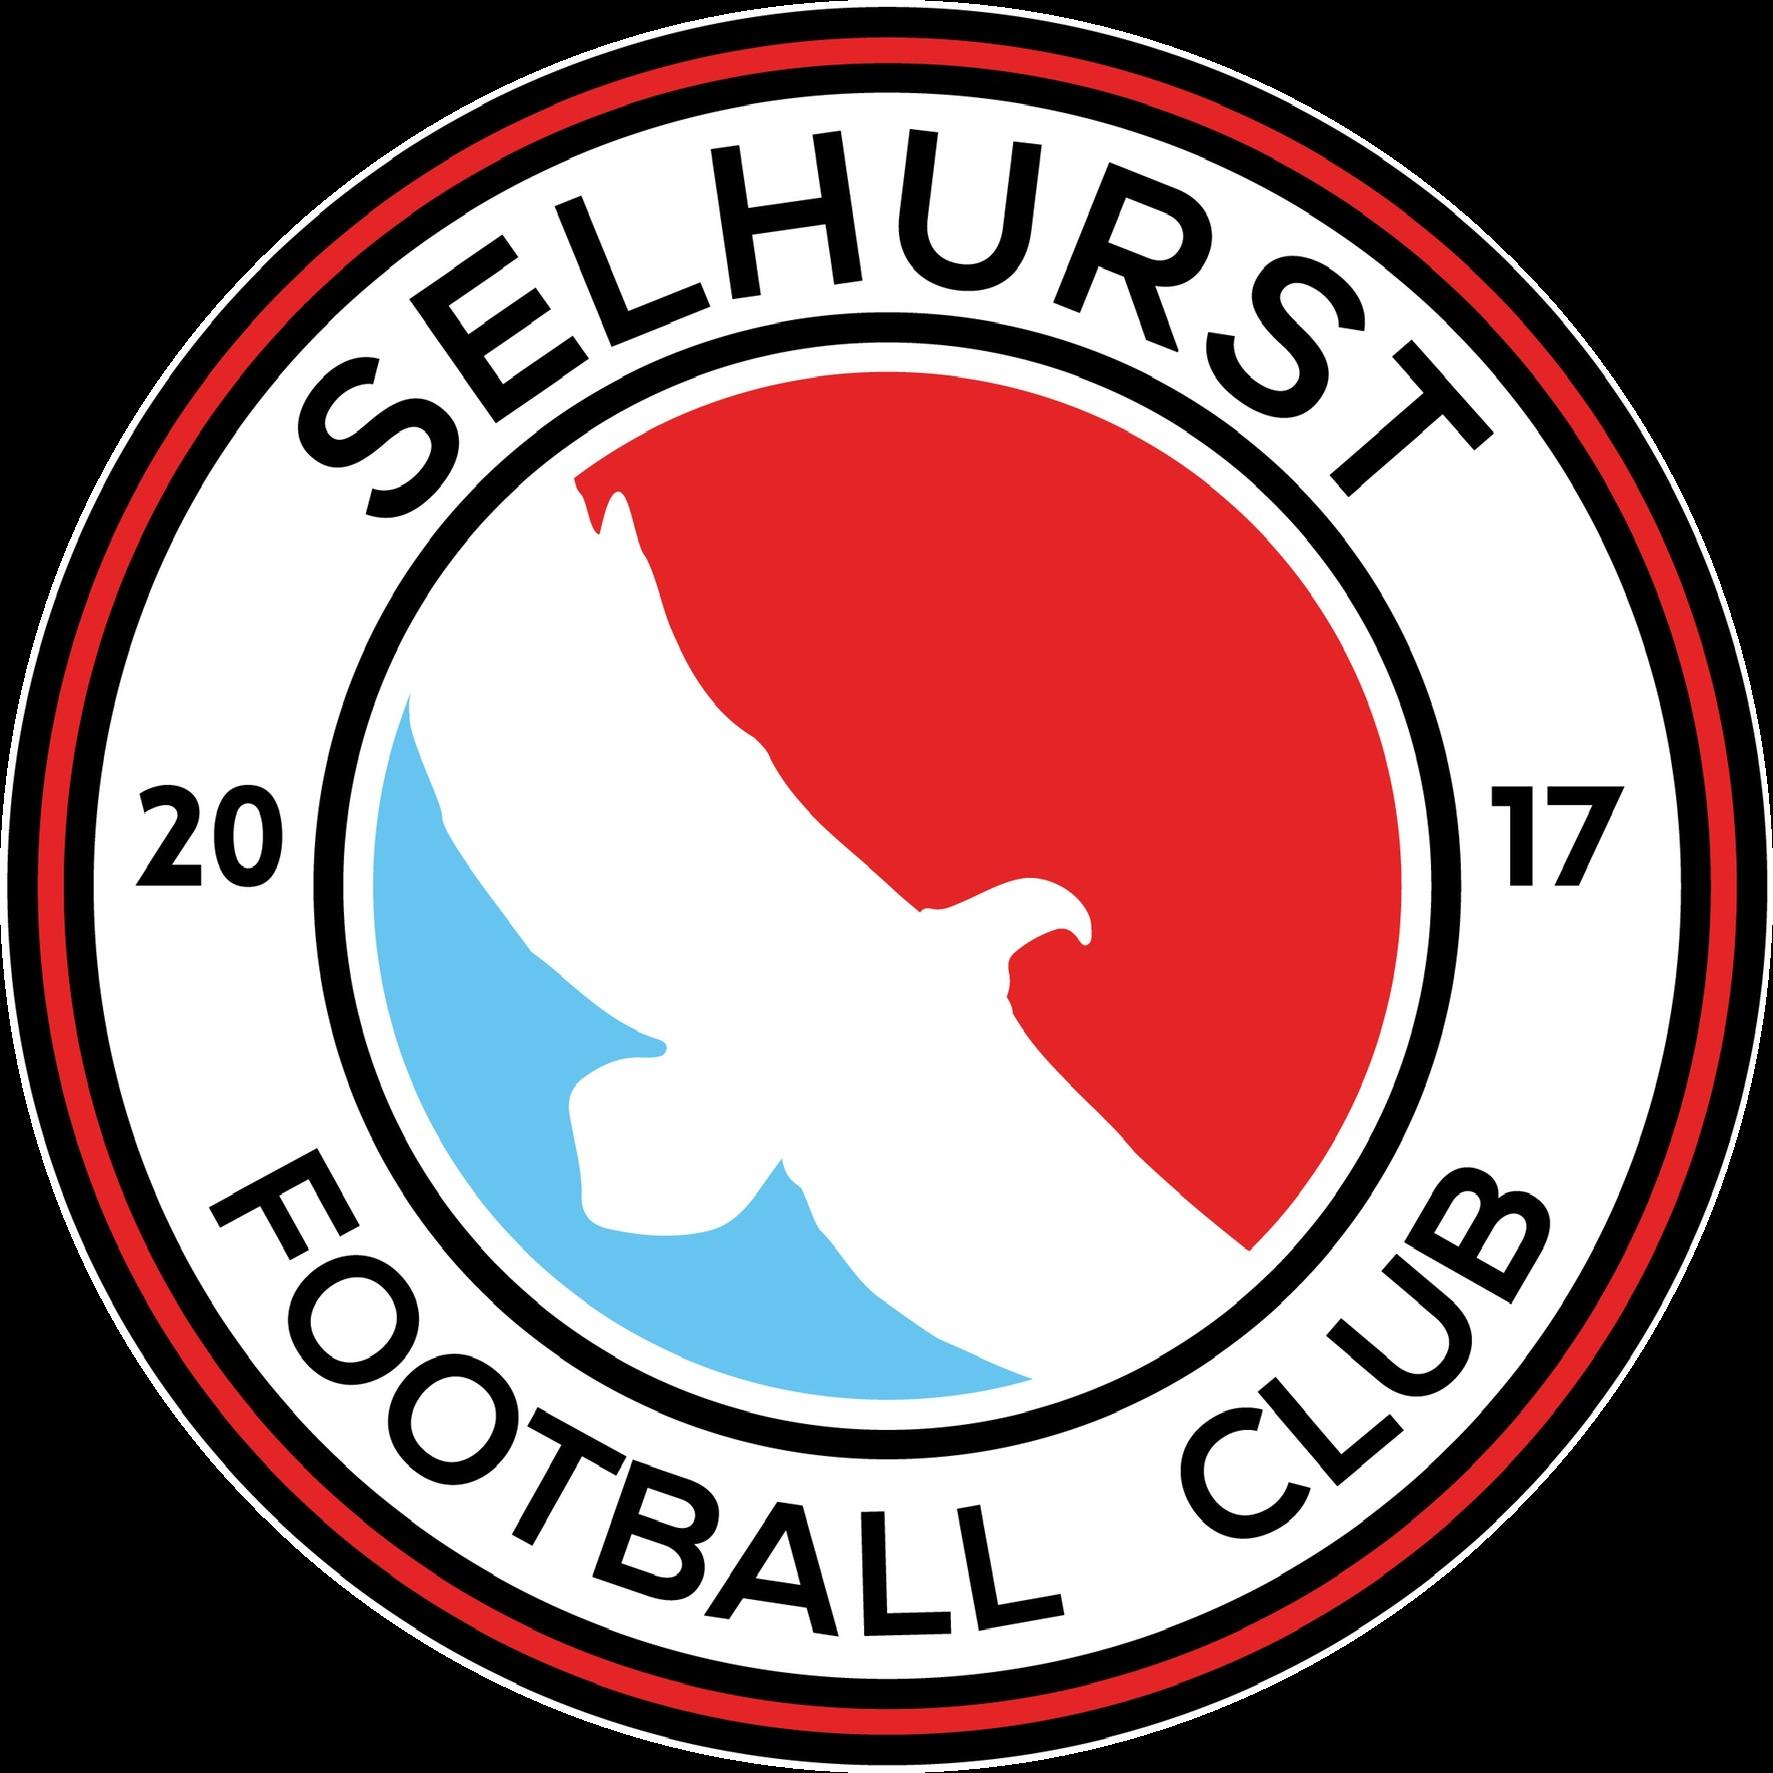 Selhurst FC